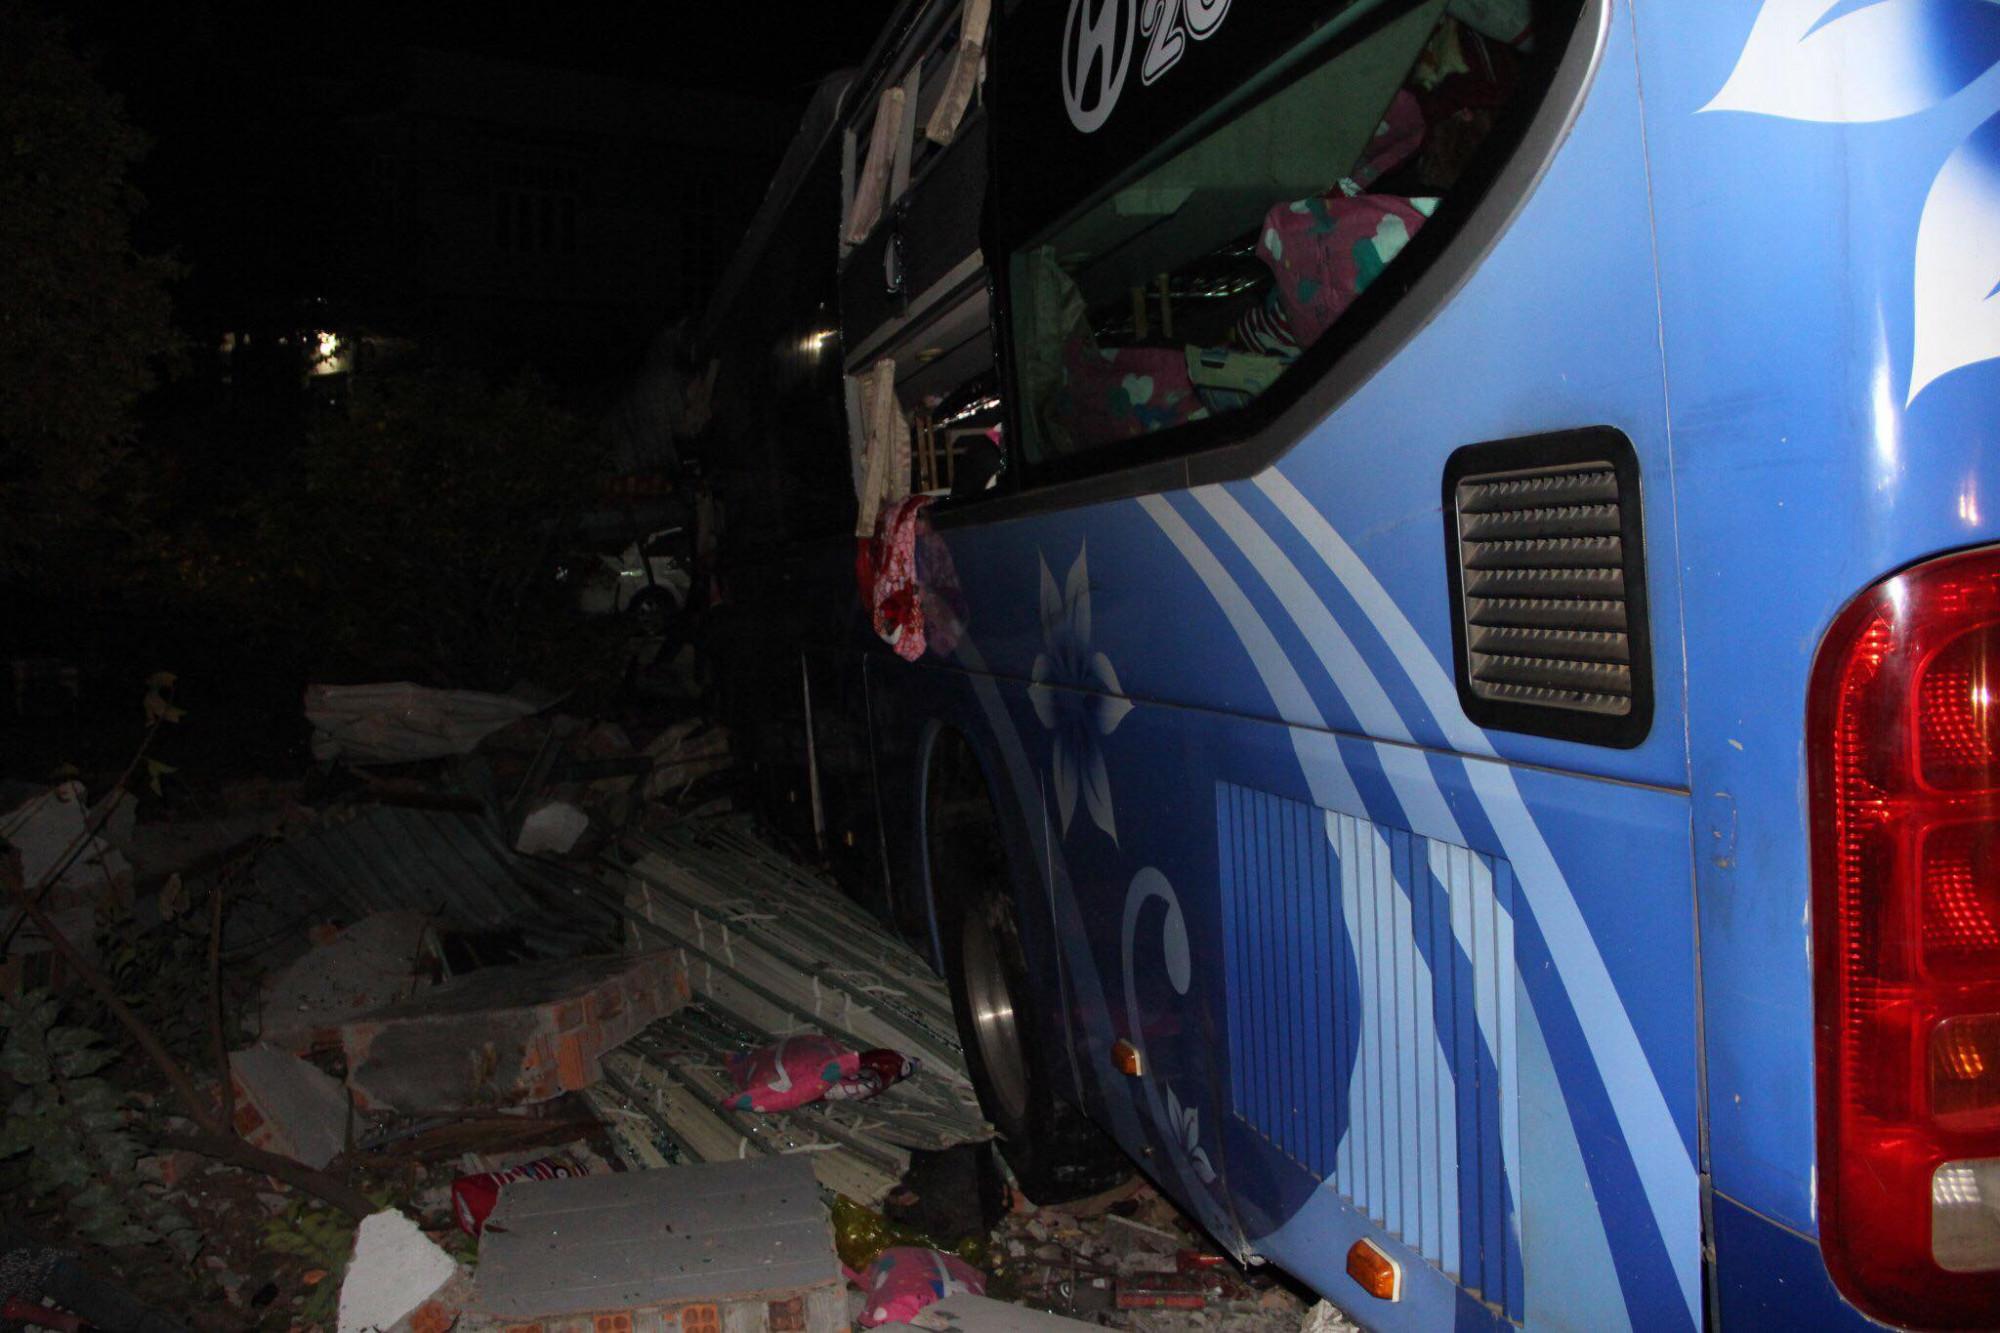 Hậu quả của vụ tai nạn khiến 1 người chết, 5 người bị thương